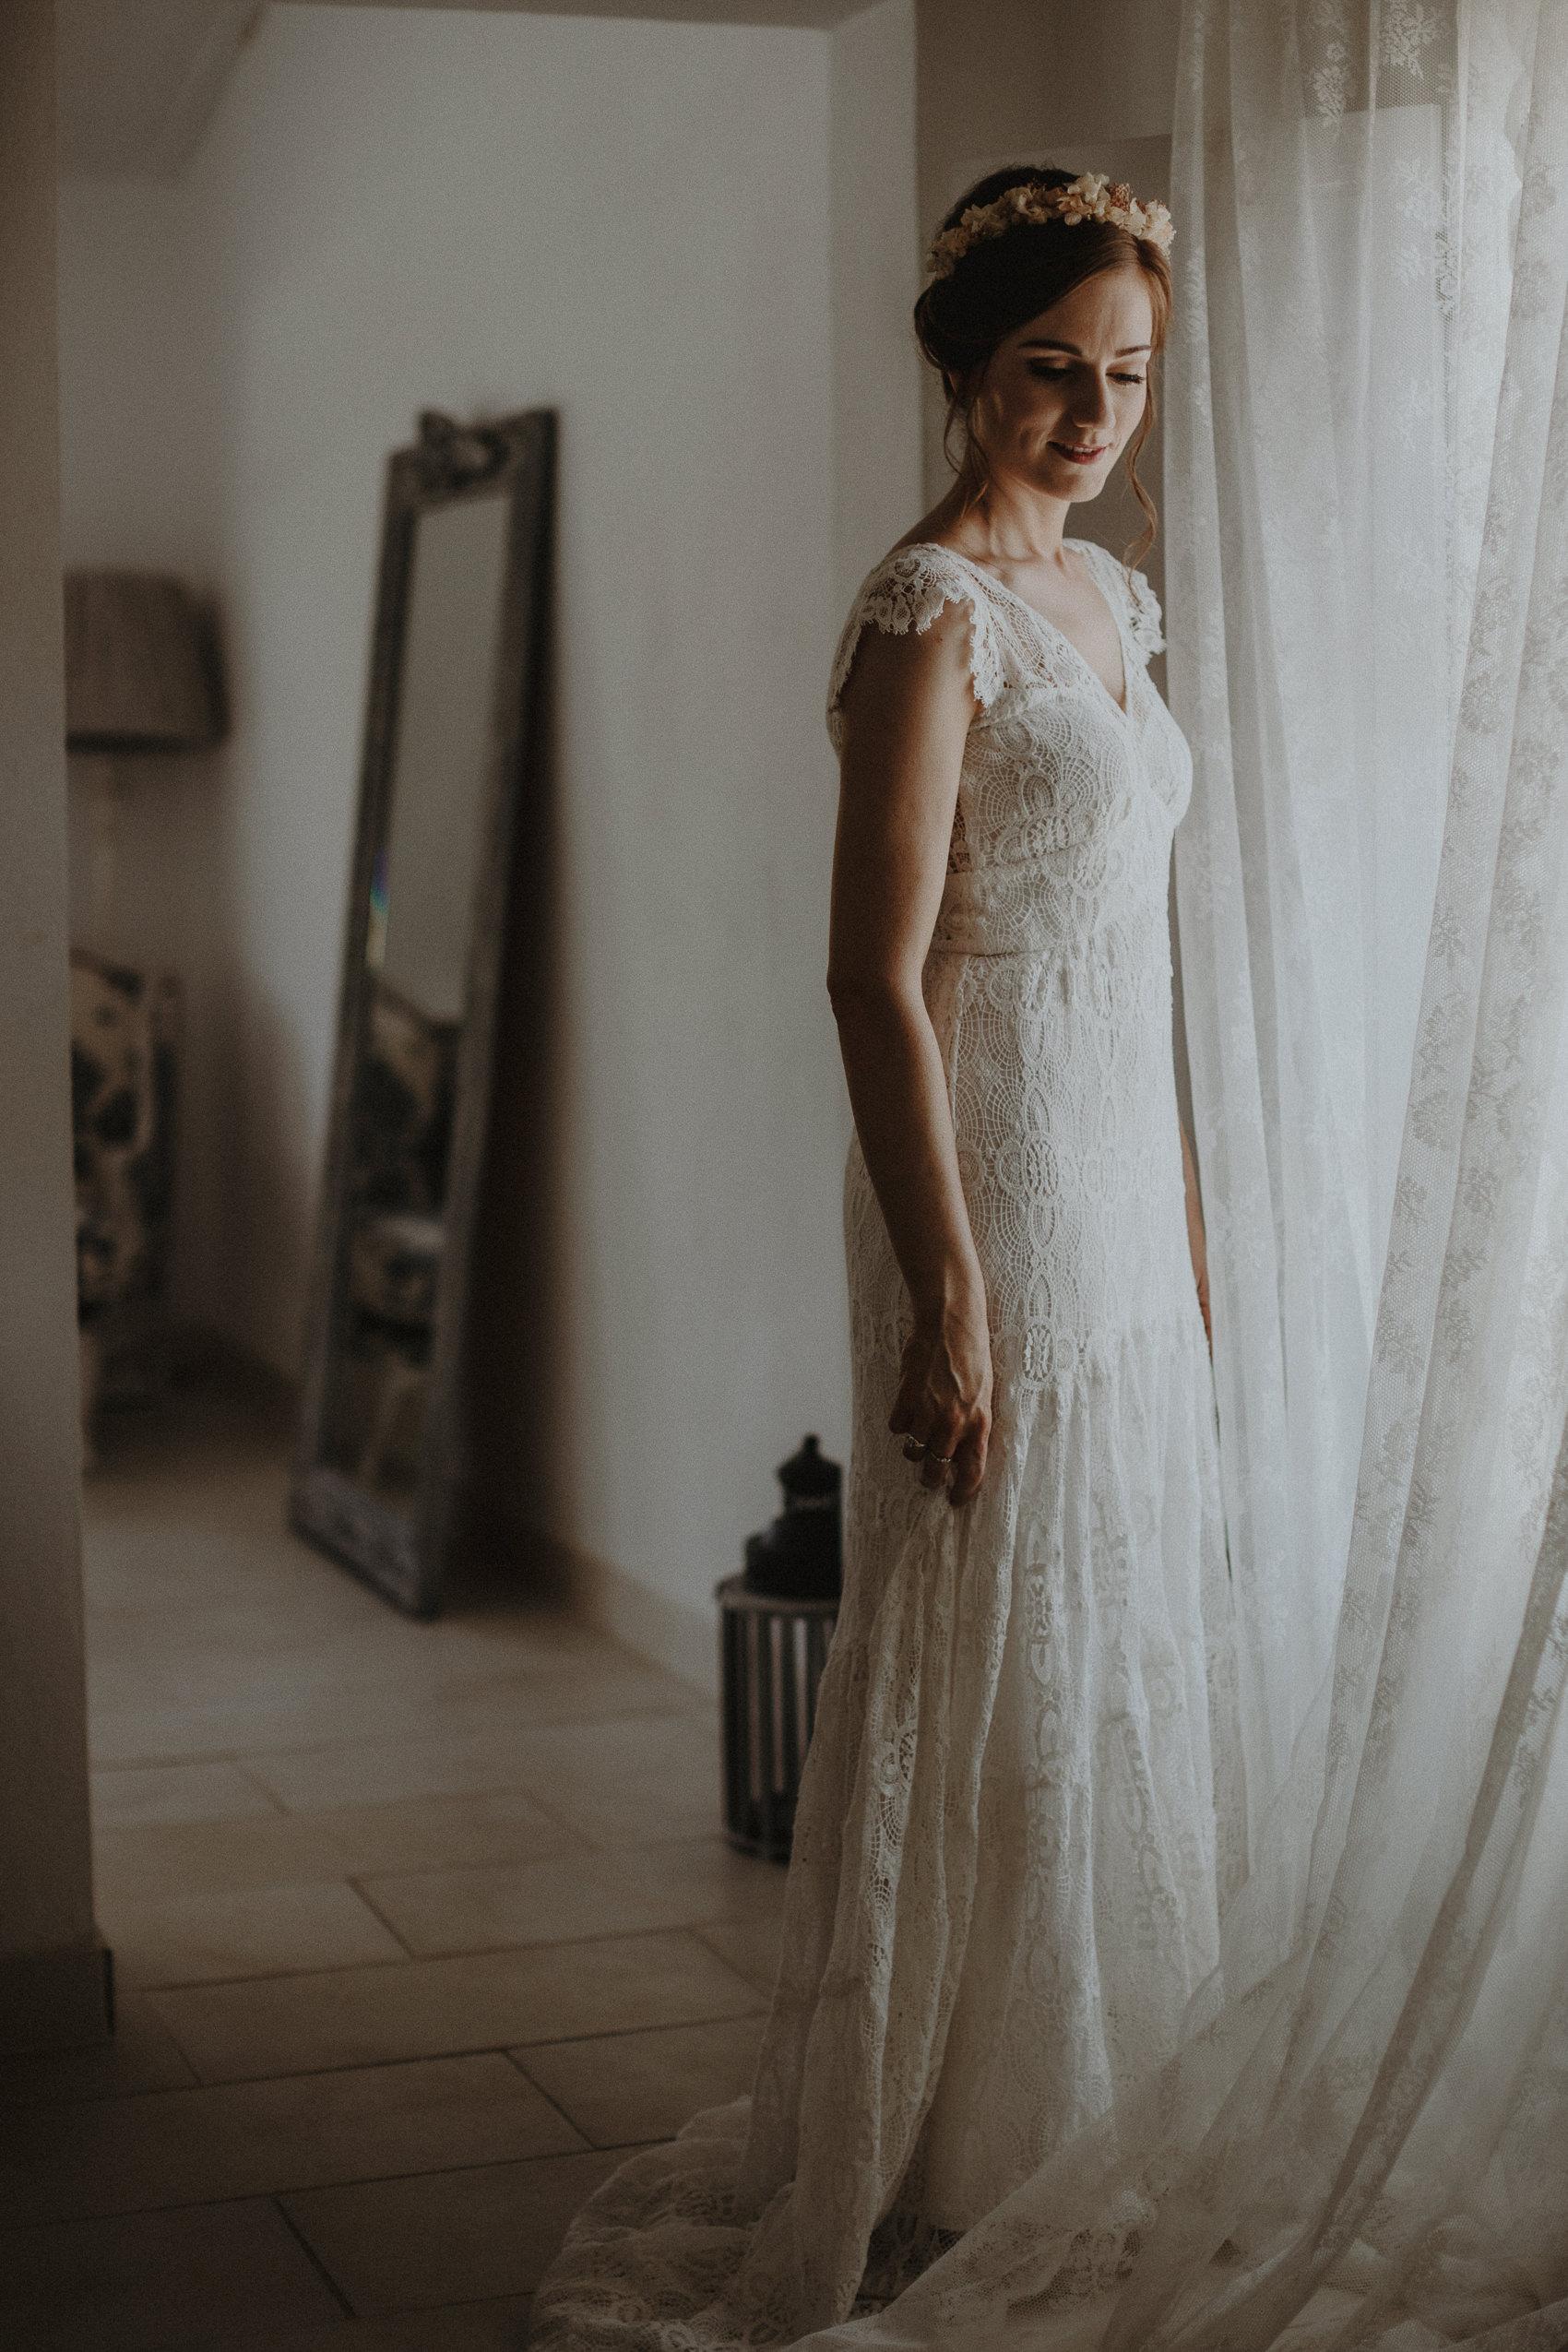 Sarah & Bill | Summer wedding at Cortijo Rosa Blanca | Marbella - Spain 56